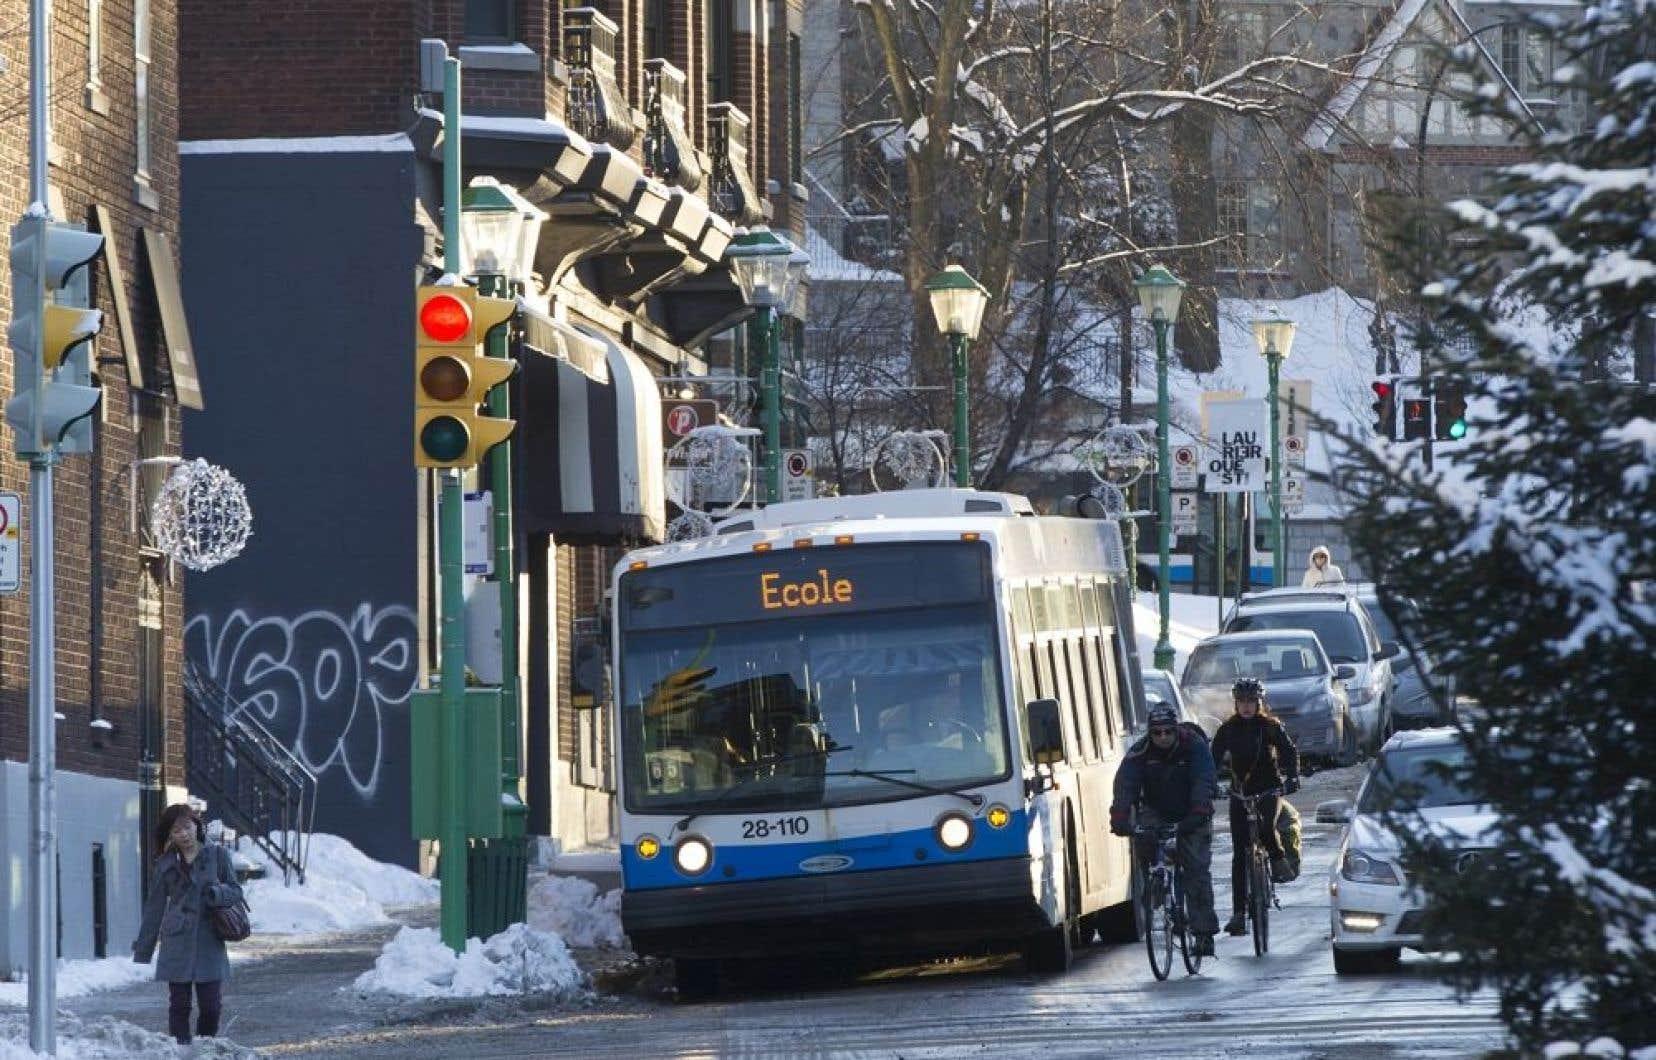 Le projet réaménagement de l'avenue Laurier à Outremont suscite la mobilisation de groupes de citoyens, qui souhaitent réserver une place aux piétons et aux vélos dans la rue qui sera refaite en 2015.